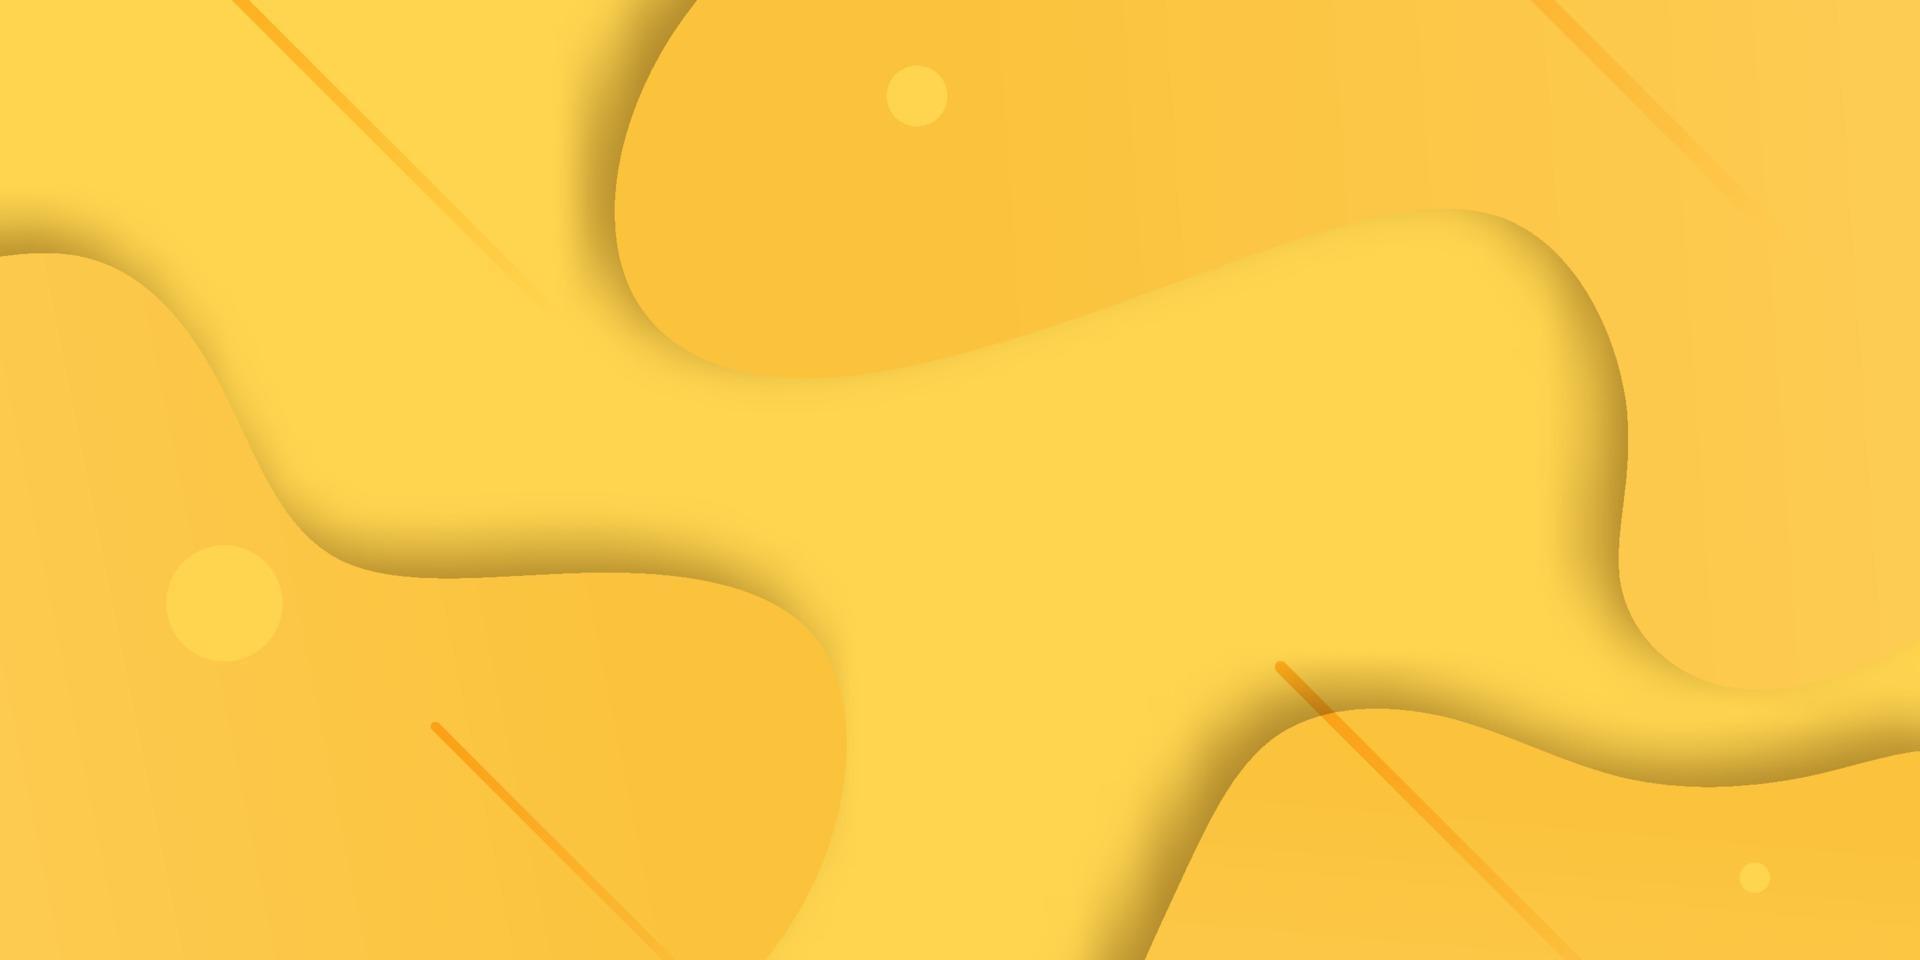 fundo gradiente de forma geométrica com elemento de fluido amarelo abstrato vetor